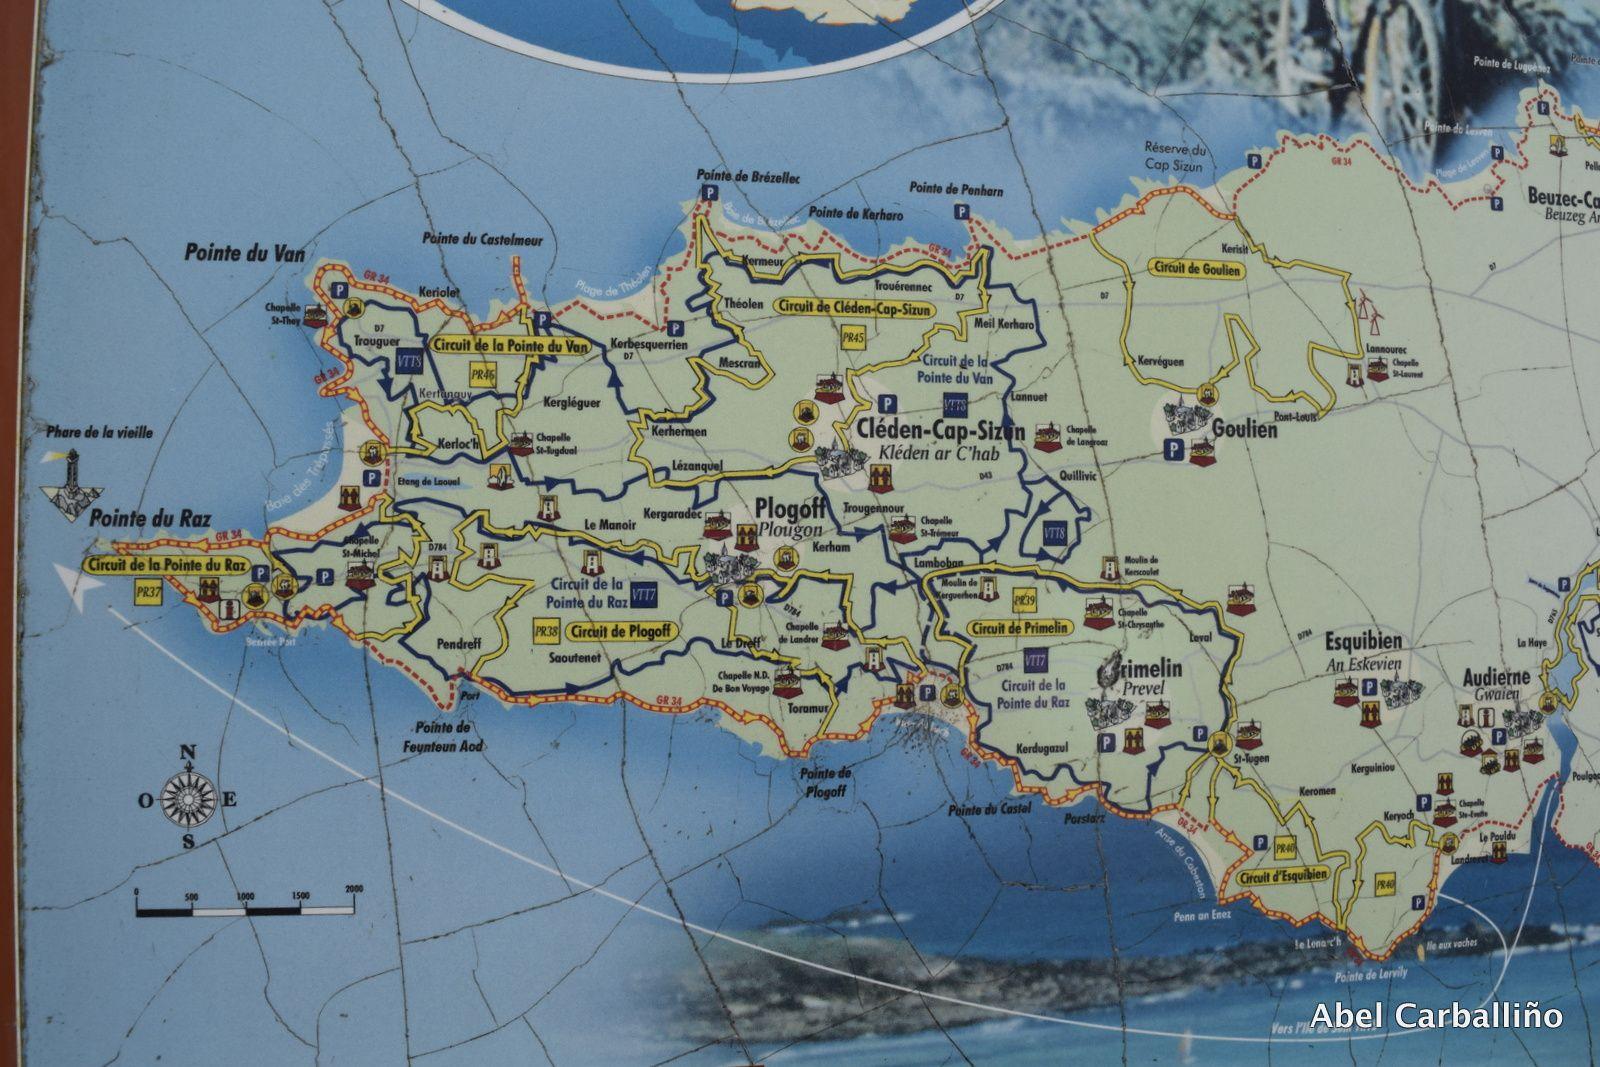 Le Finistère. Pointe du Raz, Pointe du Van, Réserve naturelle du Cap Sizun, les animaux